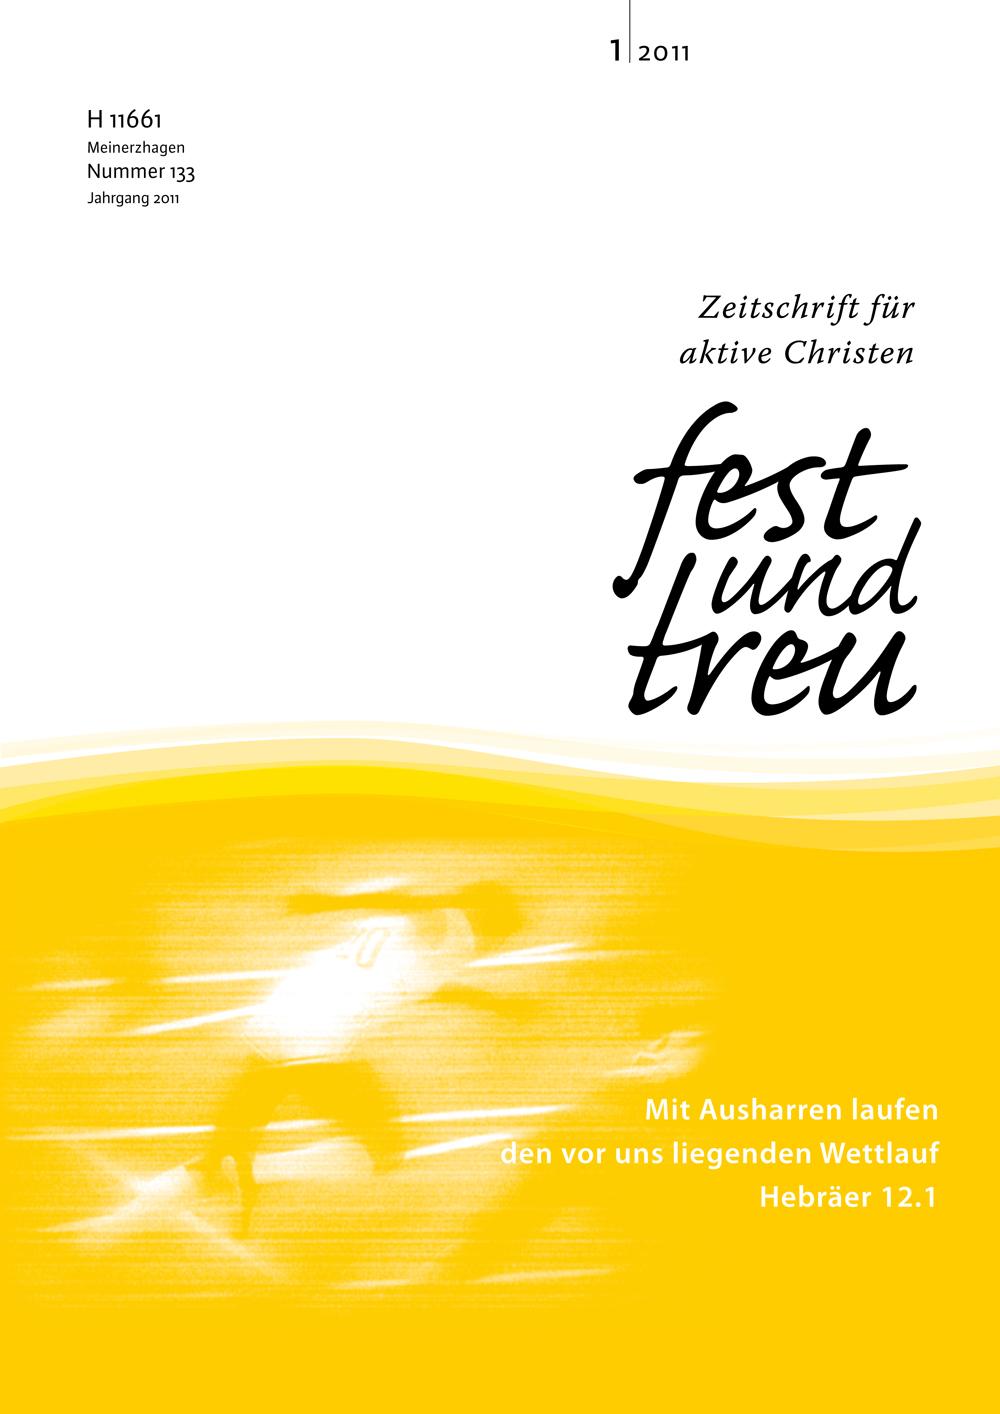 CLV_fest-treu-1-2011_2551101_1